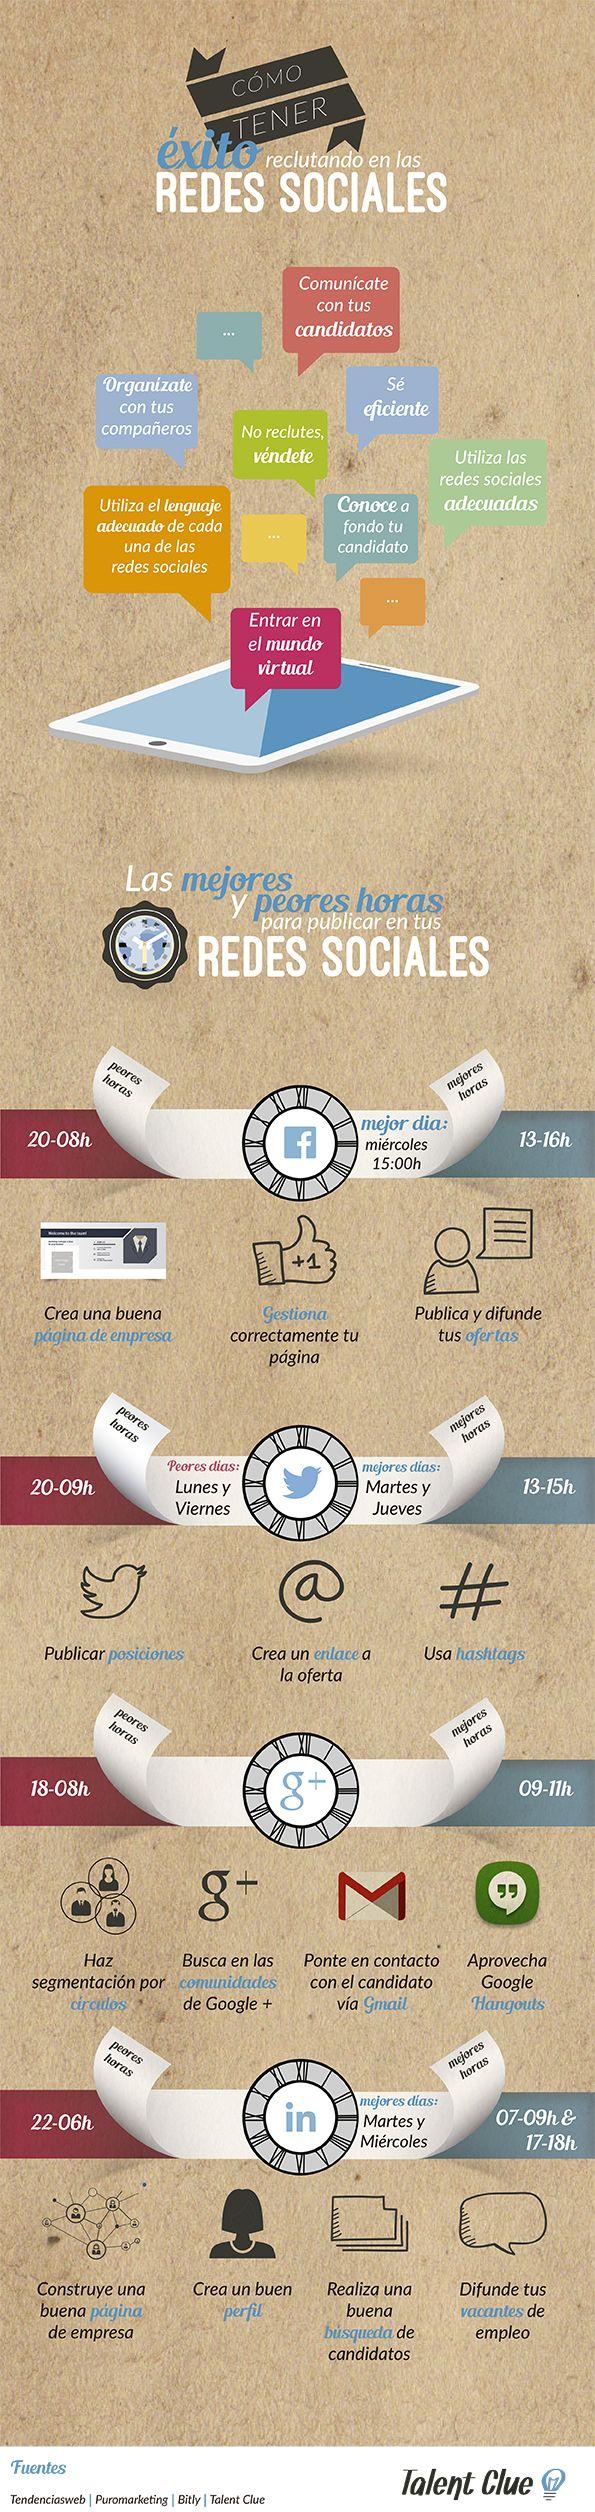 Descubre cómo tener éxito en las redes sociales con unos consejos básicos para tu estrategia de reclutamiento 2.0